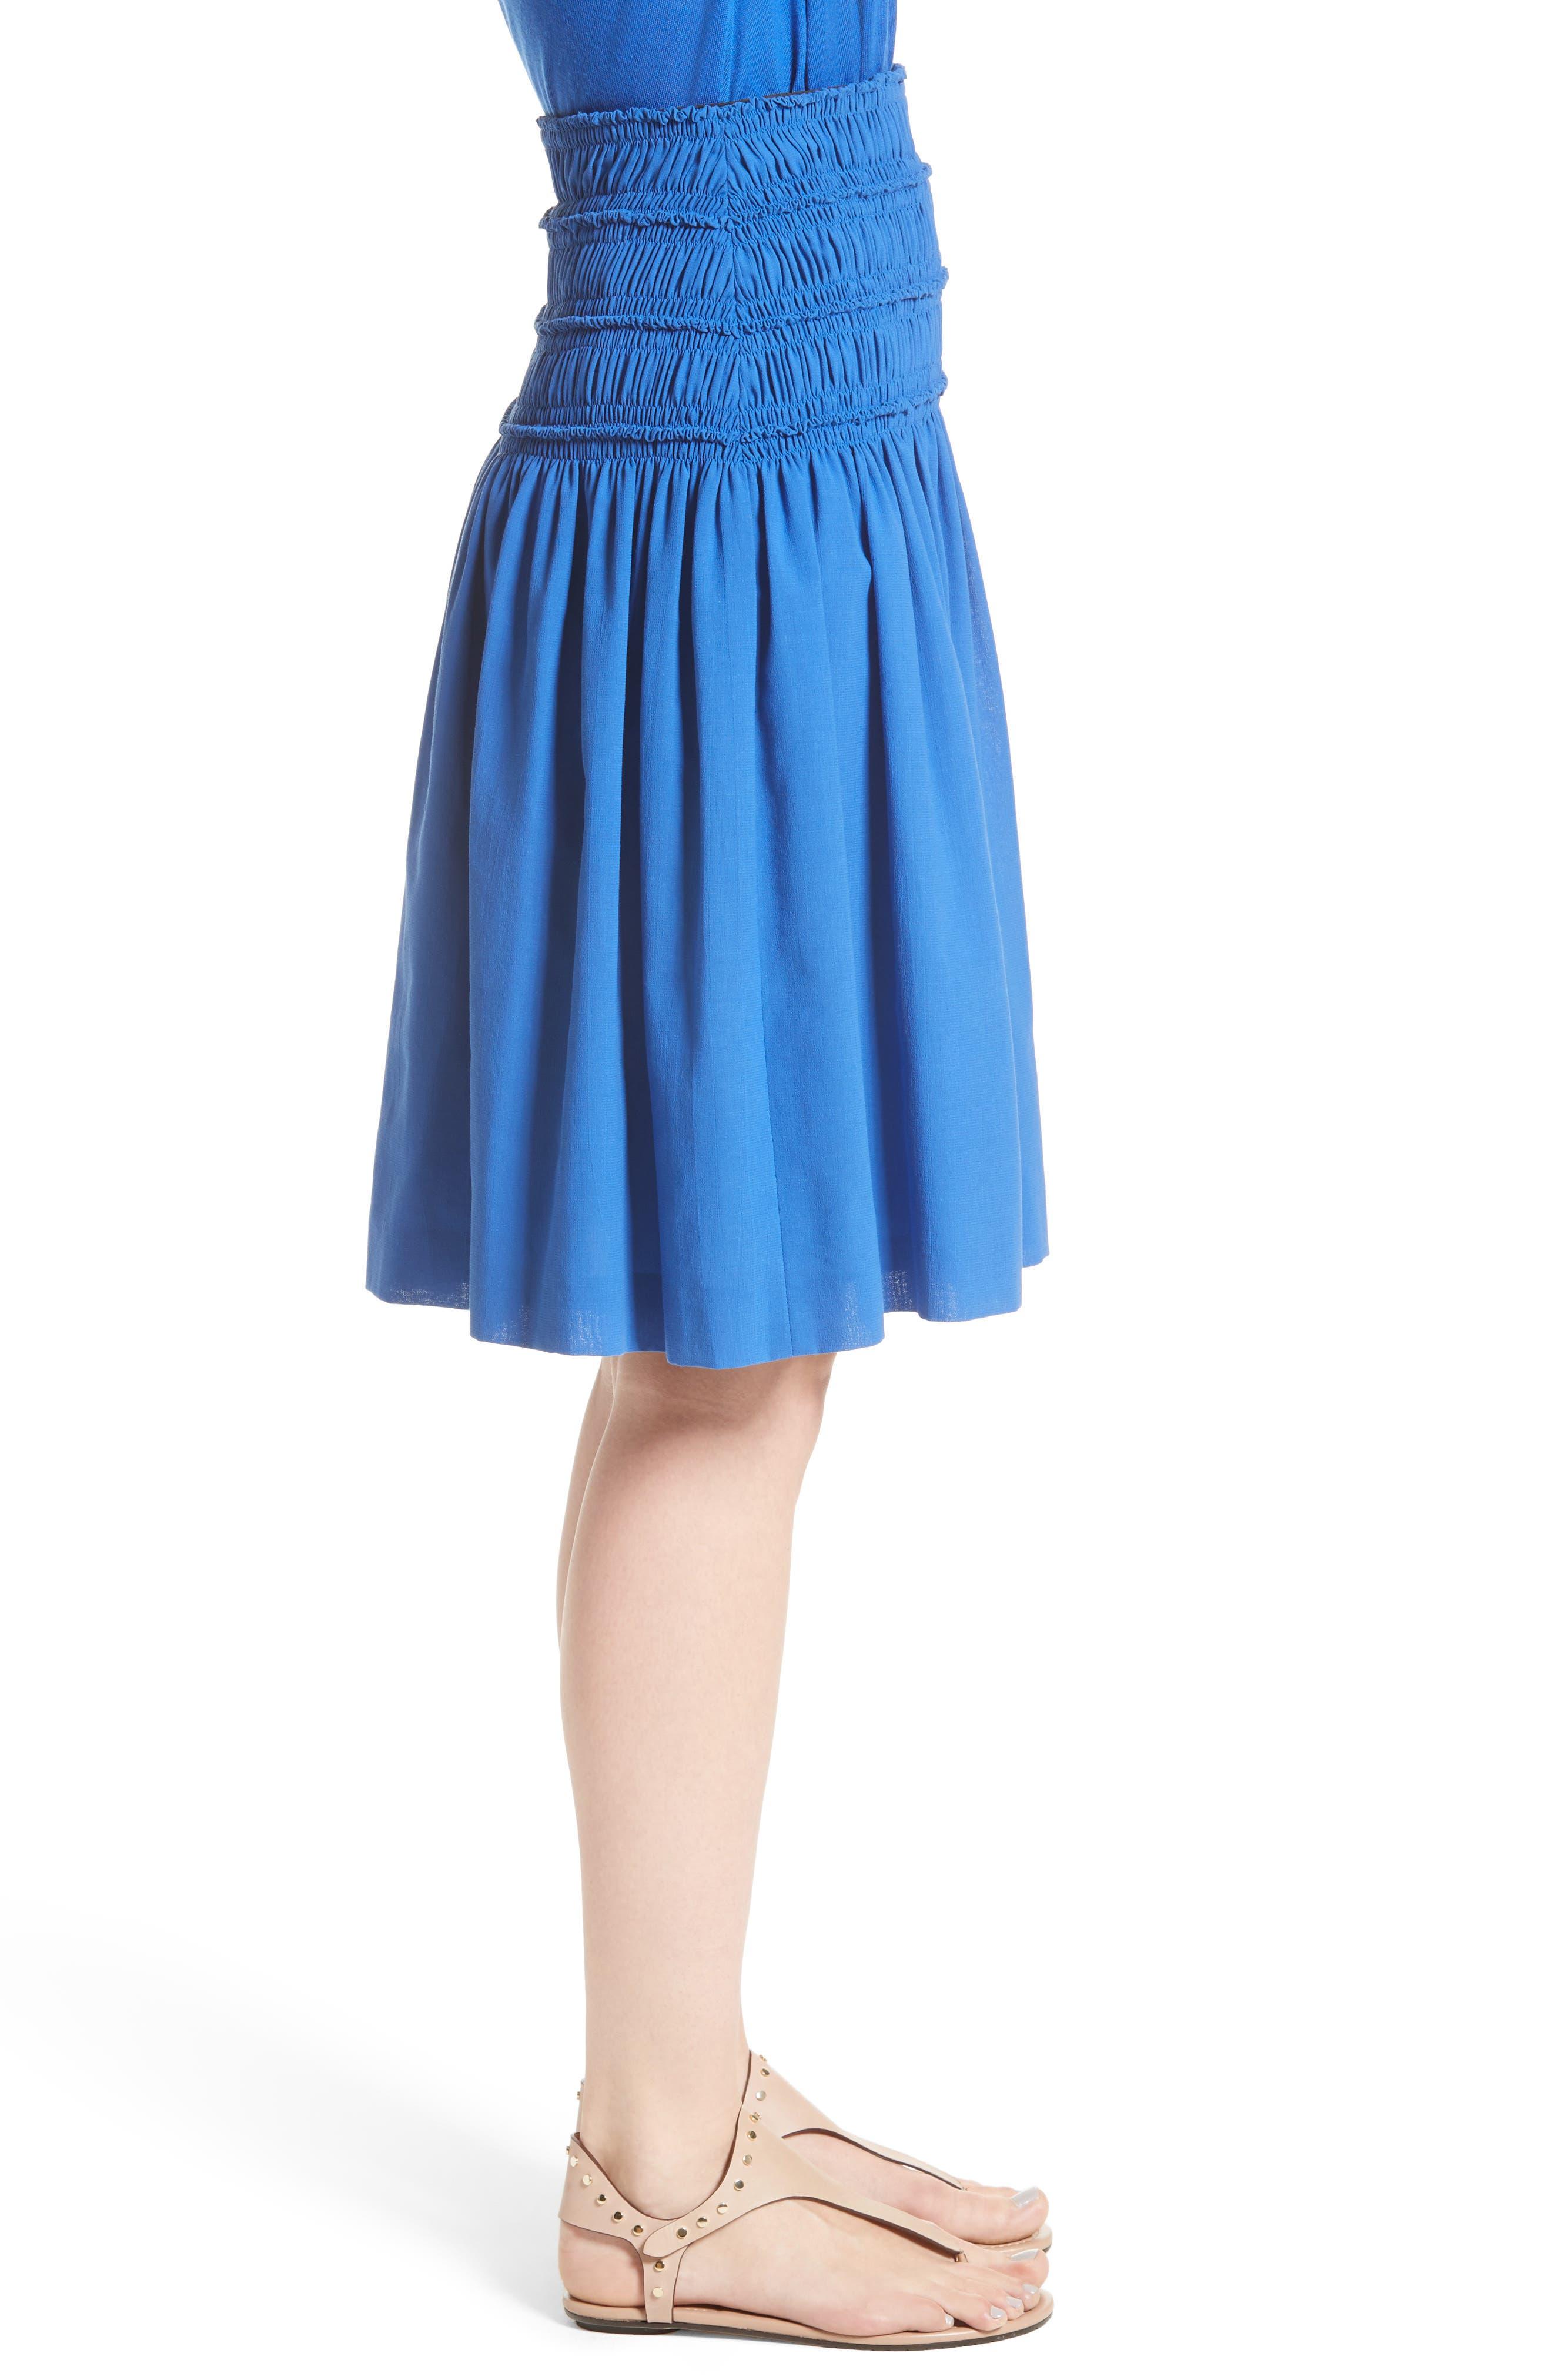 Akris Smocked Ruffle Skirt,                             Alternate thumbnail 5, color,                             Blue